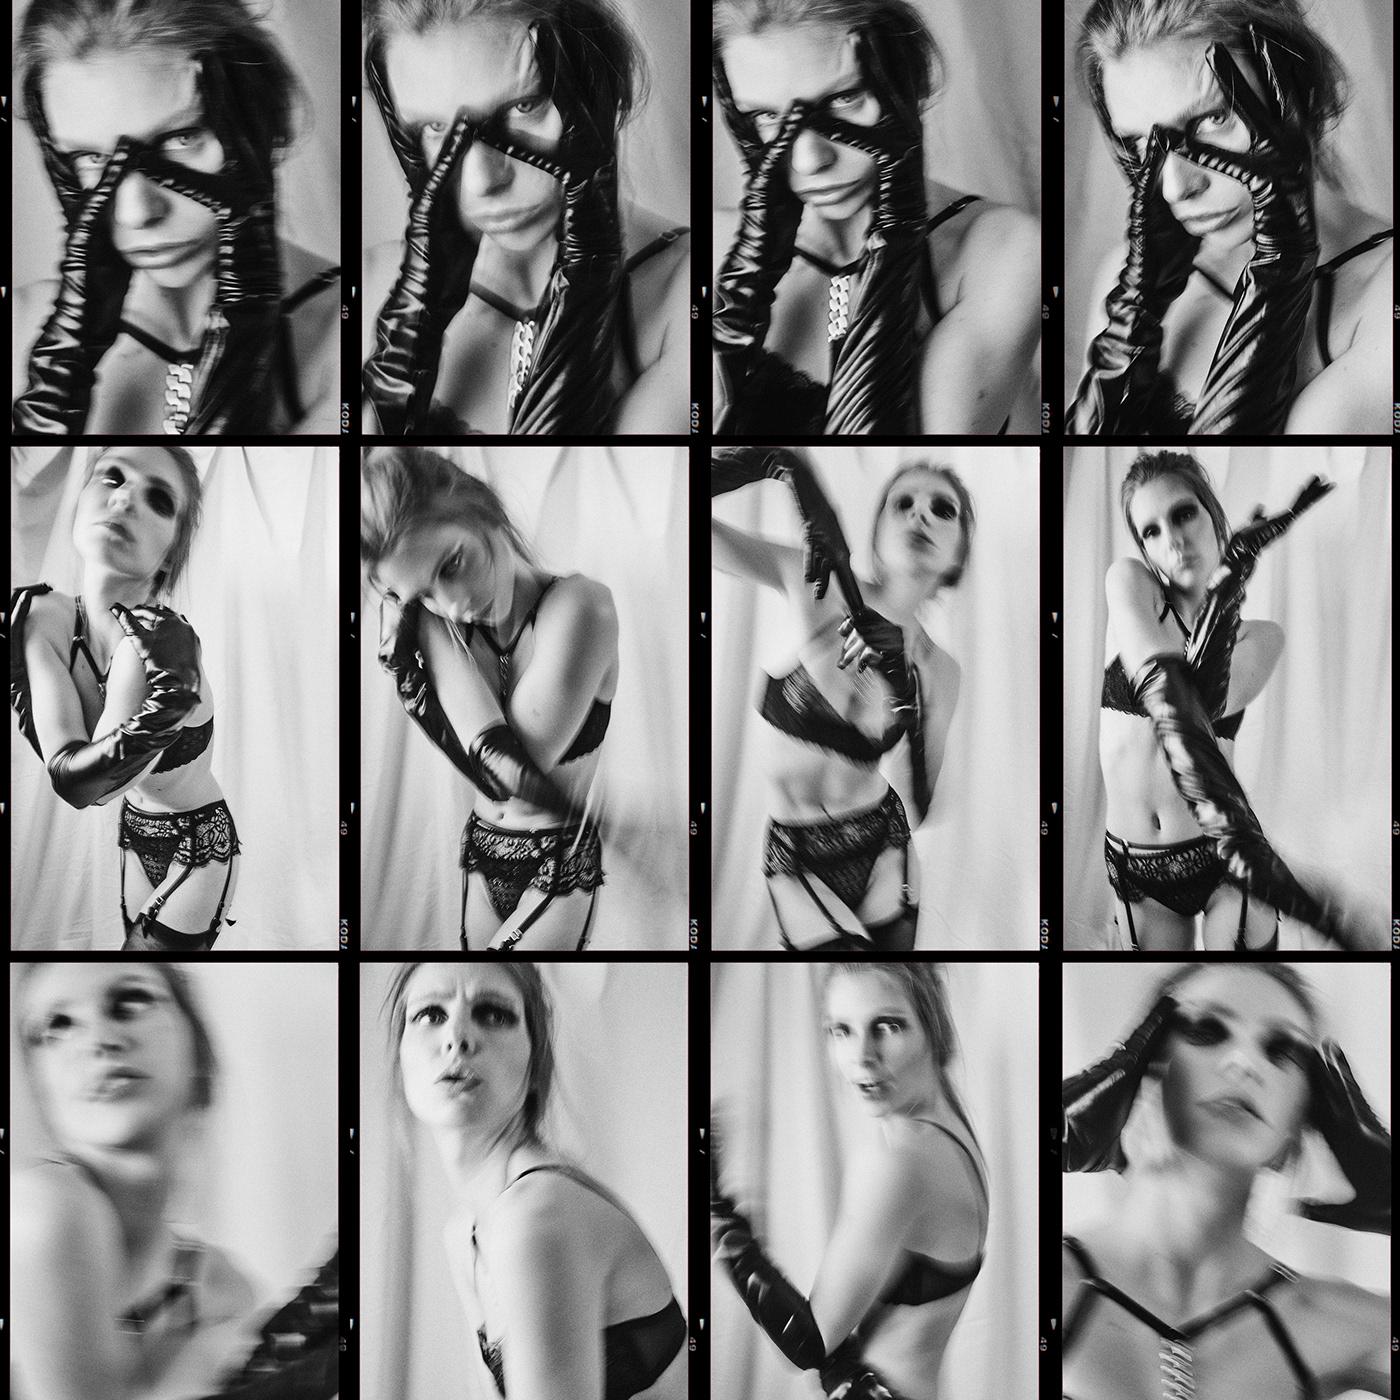 blur boudoir fine art glam glamour lingerie motion vamp